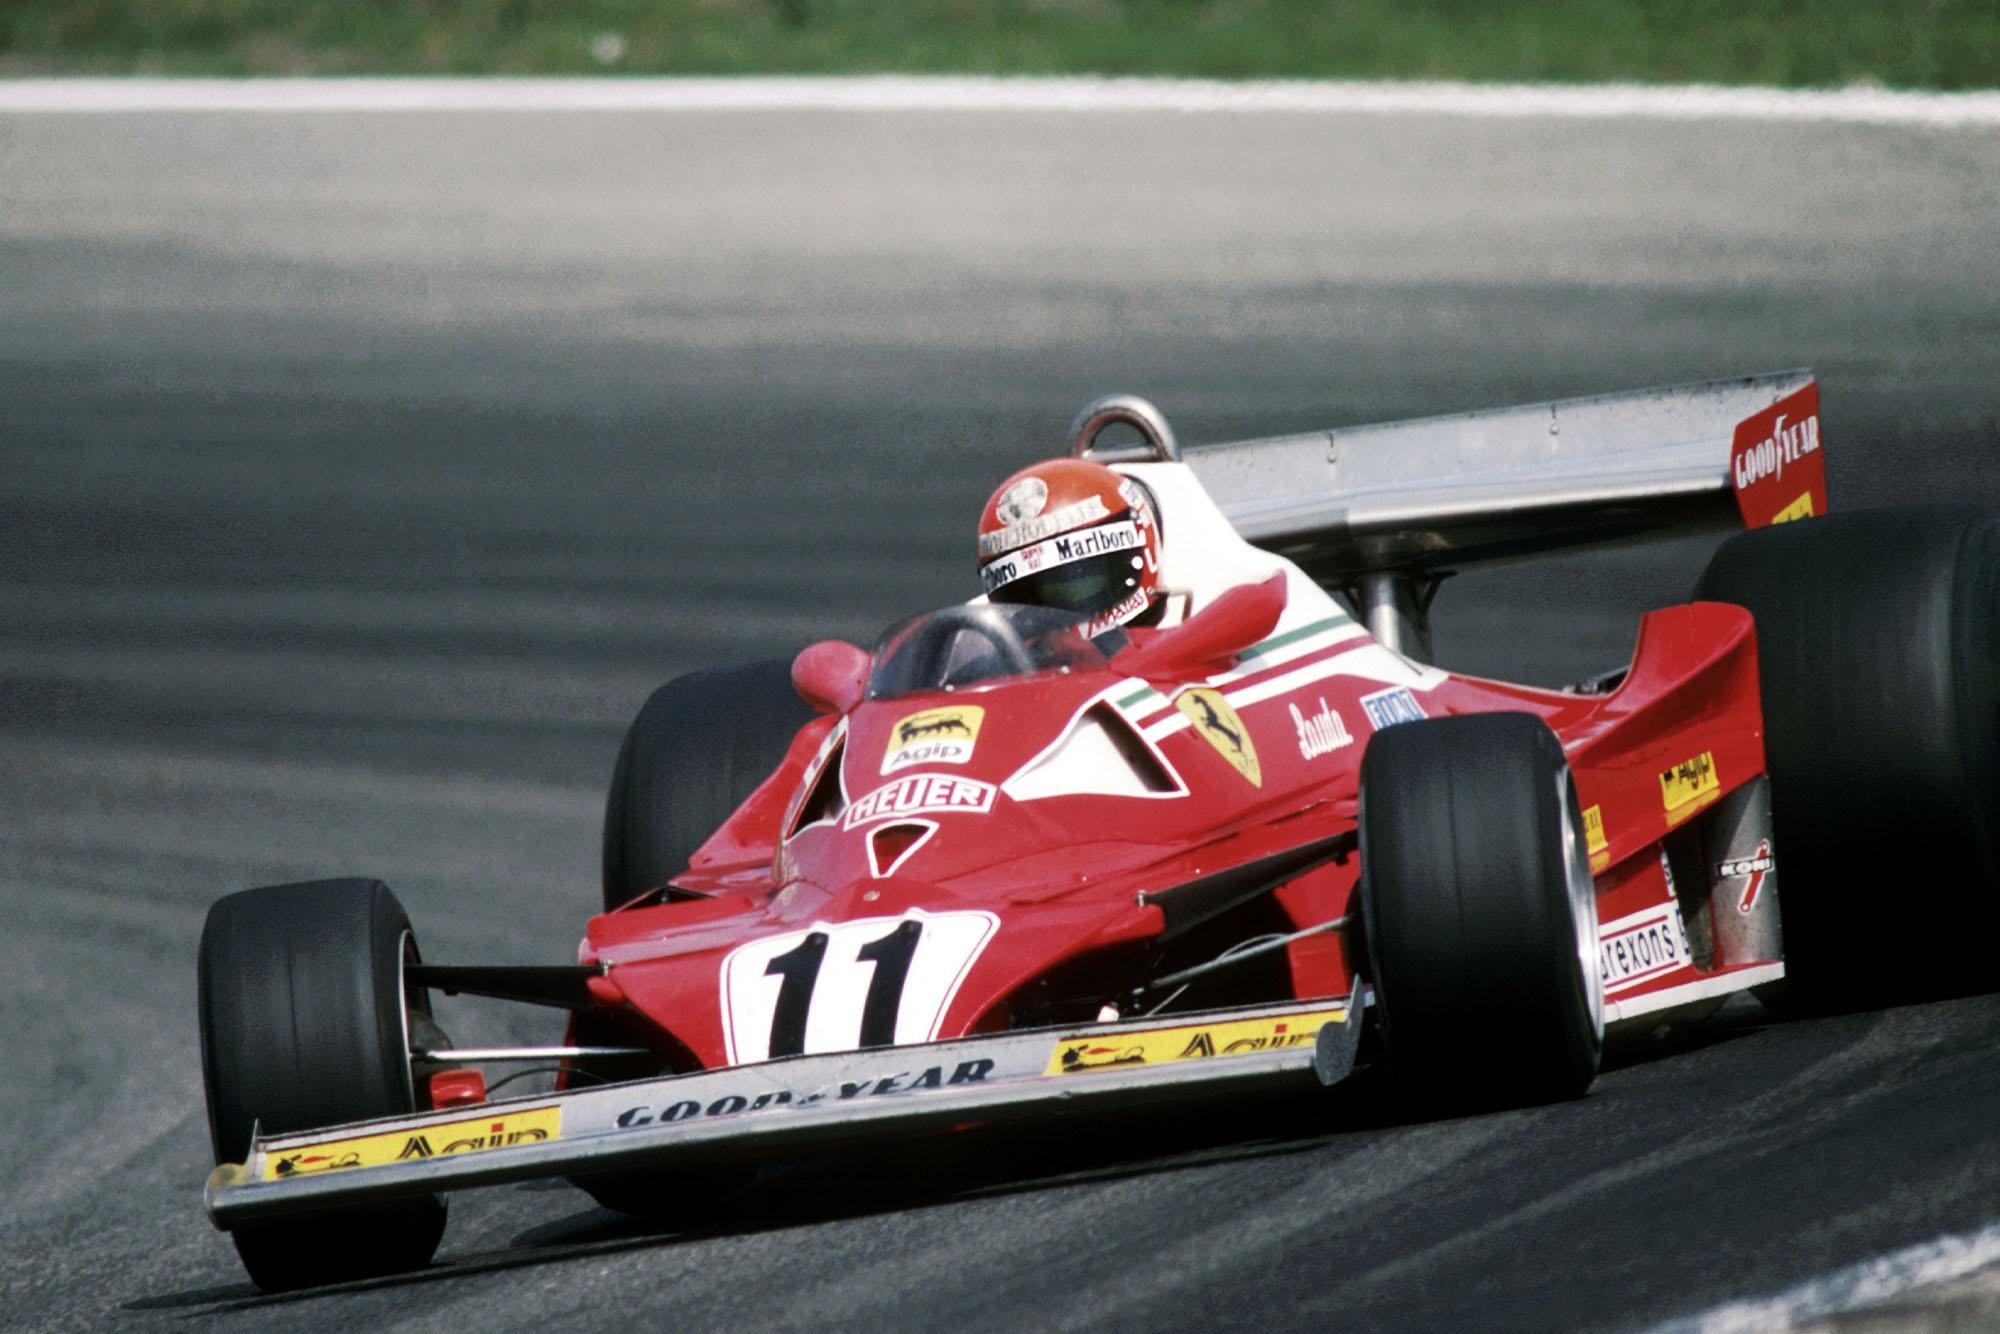 Niki Lauda (Ferrari) driving at the 1977 Dutch Grand Prix, Zandvoort.